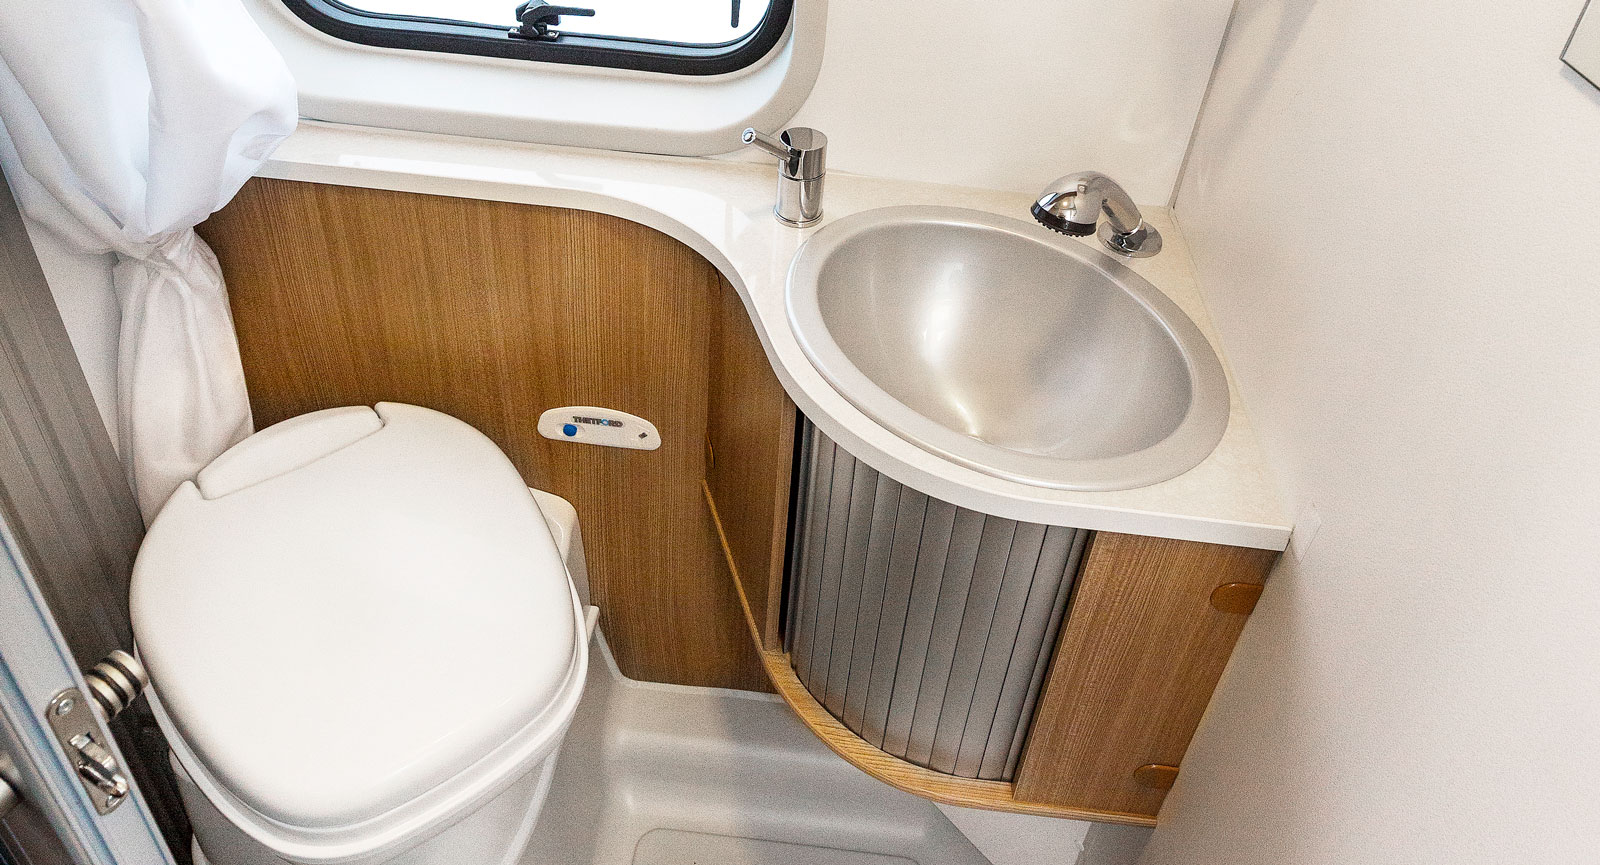 Hygienutrymmet har skjutdörr vilket är en vanlig  lösning i plåtisar.  Duschmunstycket fungerar som kran i handfatet.